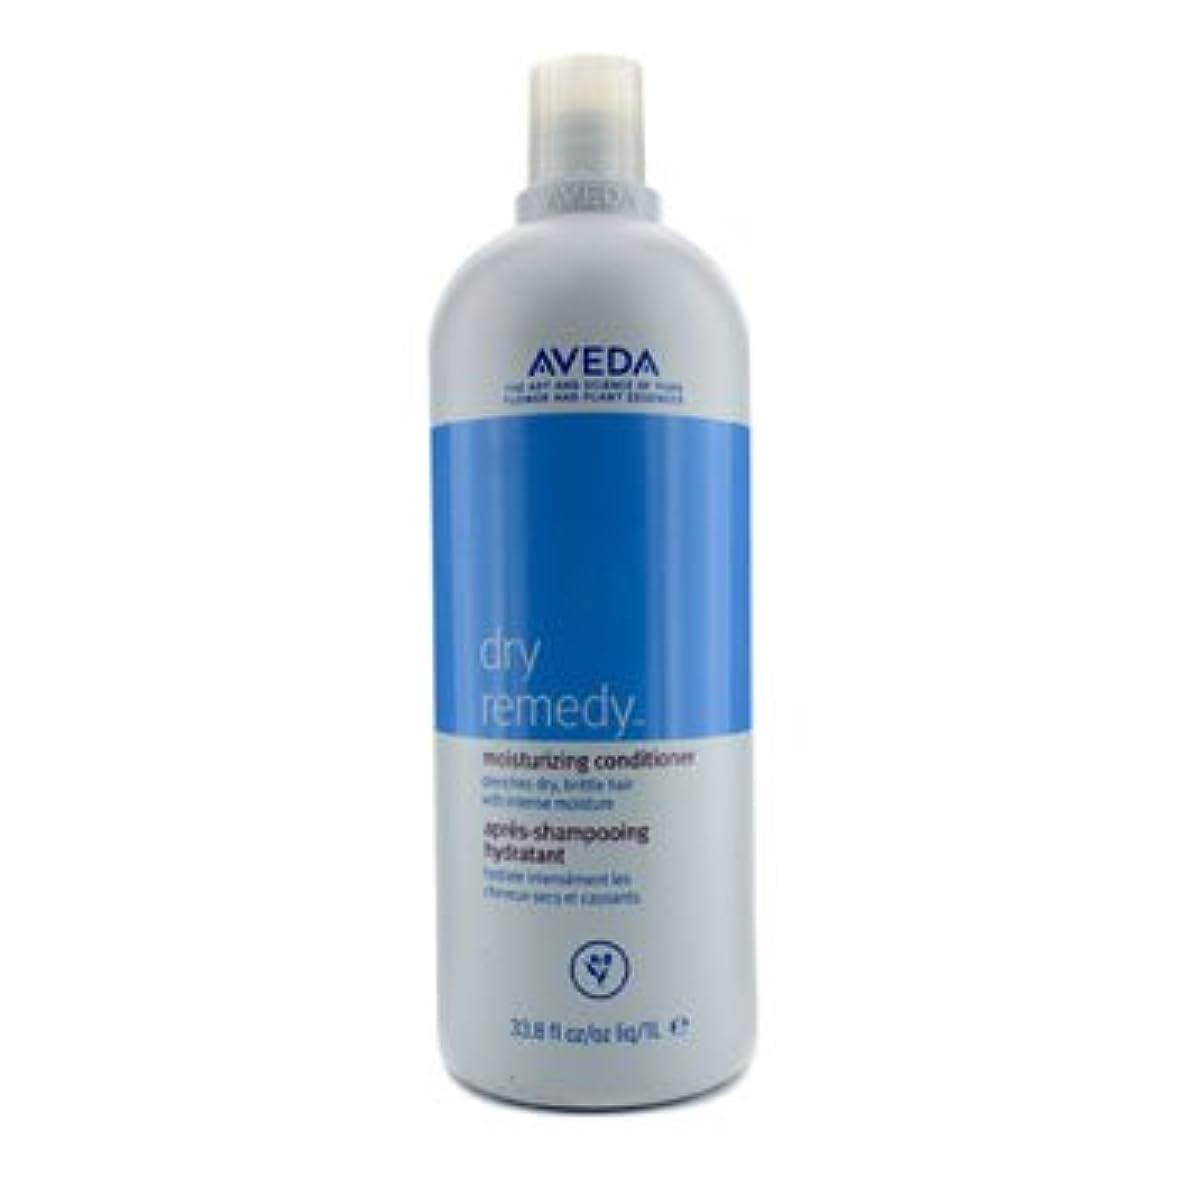 リーフレット入口ドール[Aveda] Dry Remedy Moisturizing Conditioner - For Drenches Dry Brittle Hair (New Packaging) 1000ml/33.8oz